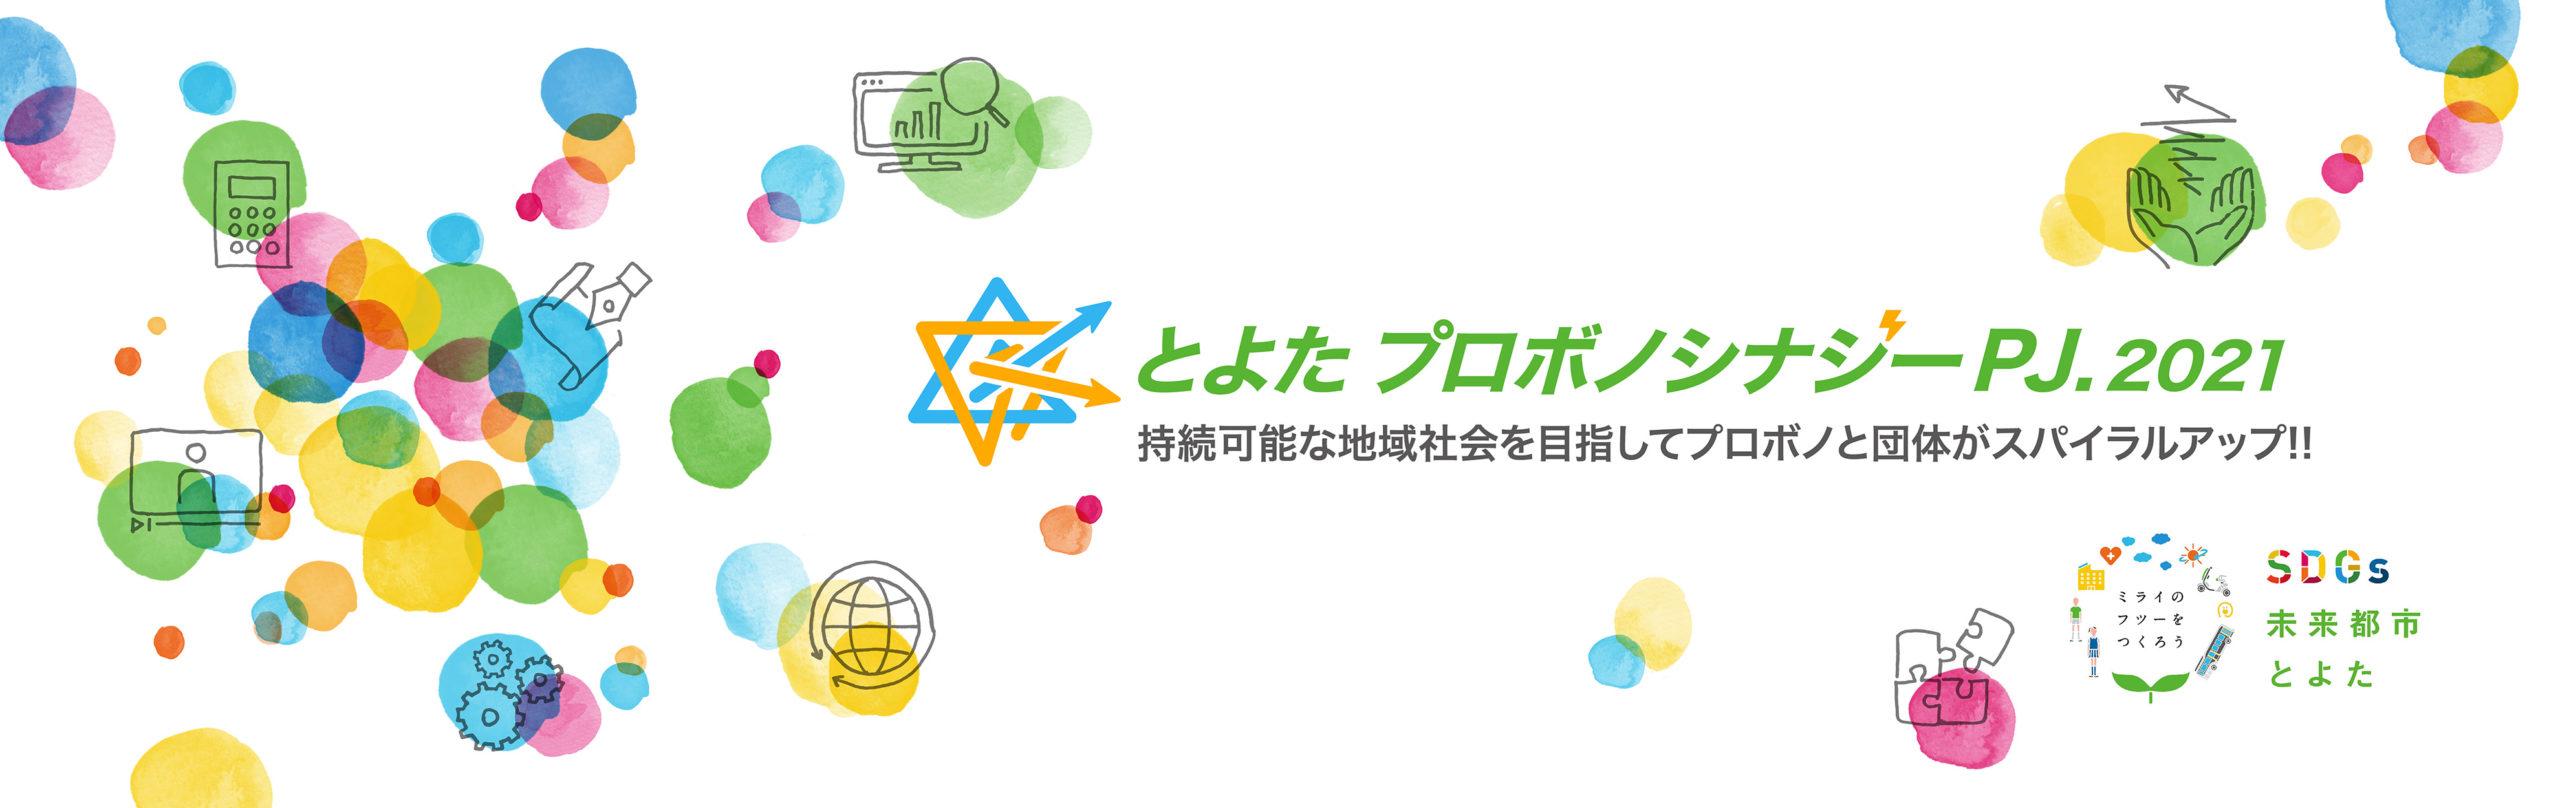 とよたプロボノシナジーPJ.2021|持続可能な地域社会を目指してプロボノと団体がスパイラルアップ!!